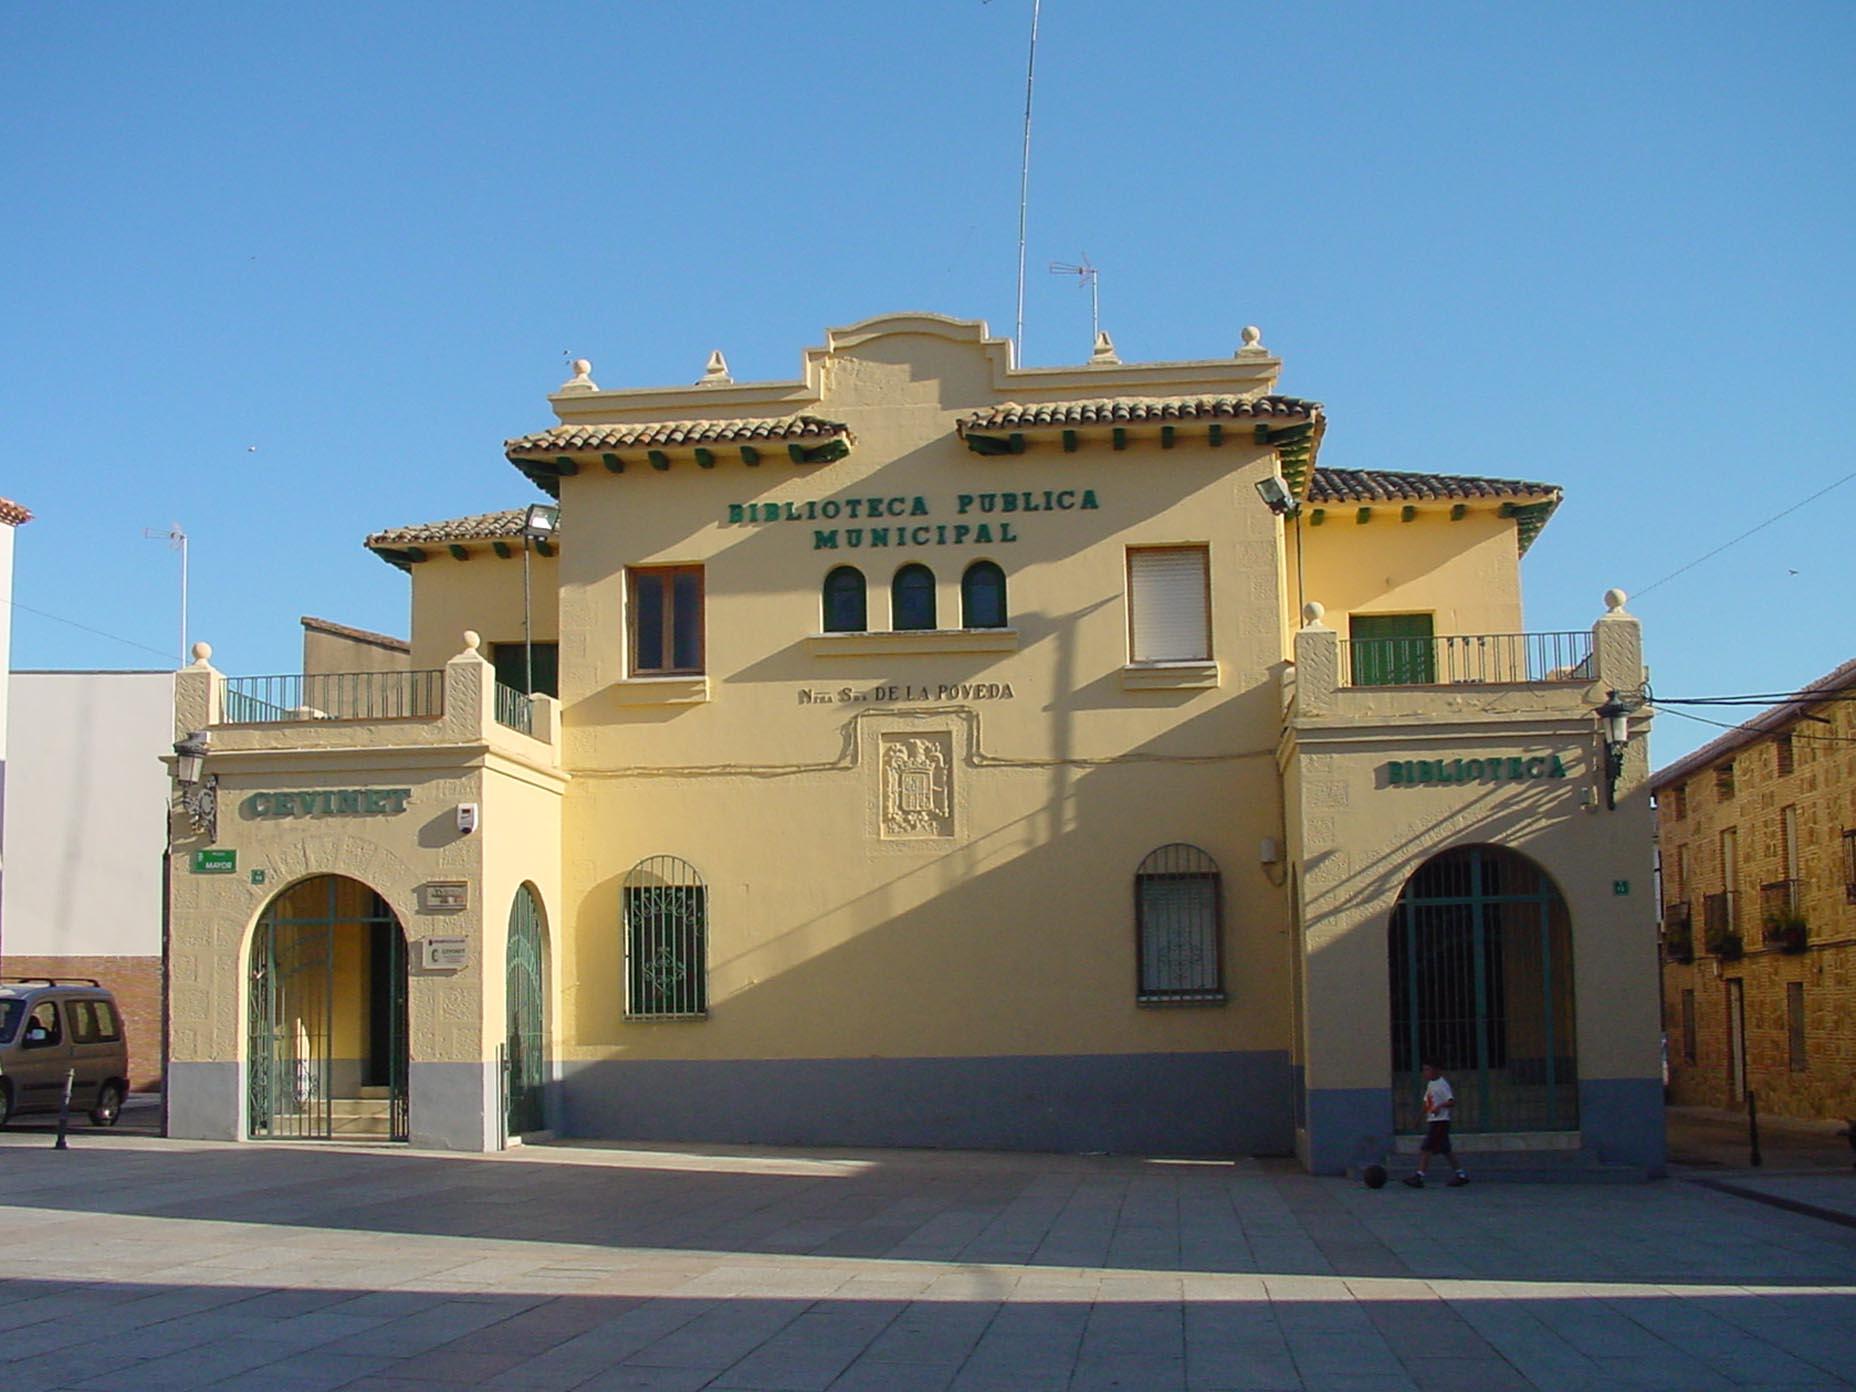 Biblioteca pública municipal de Villa del Prado